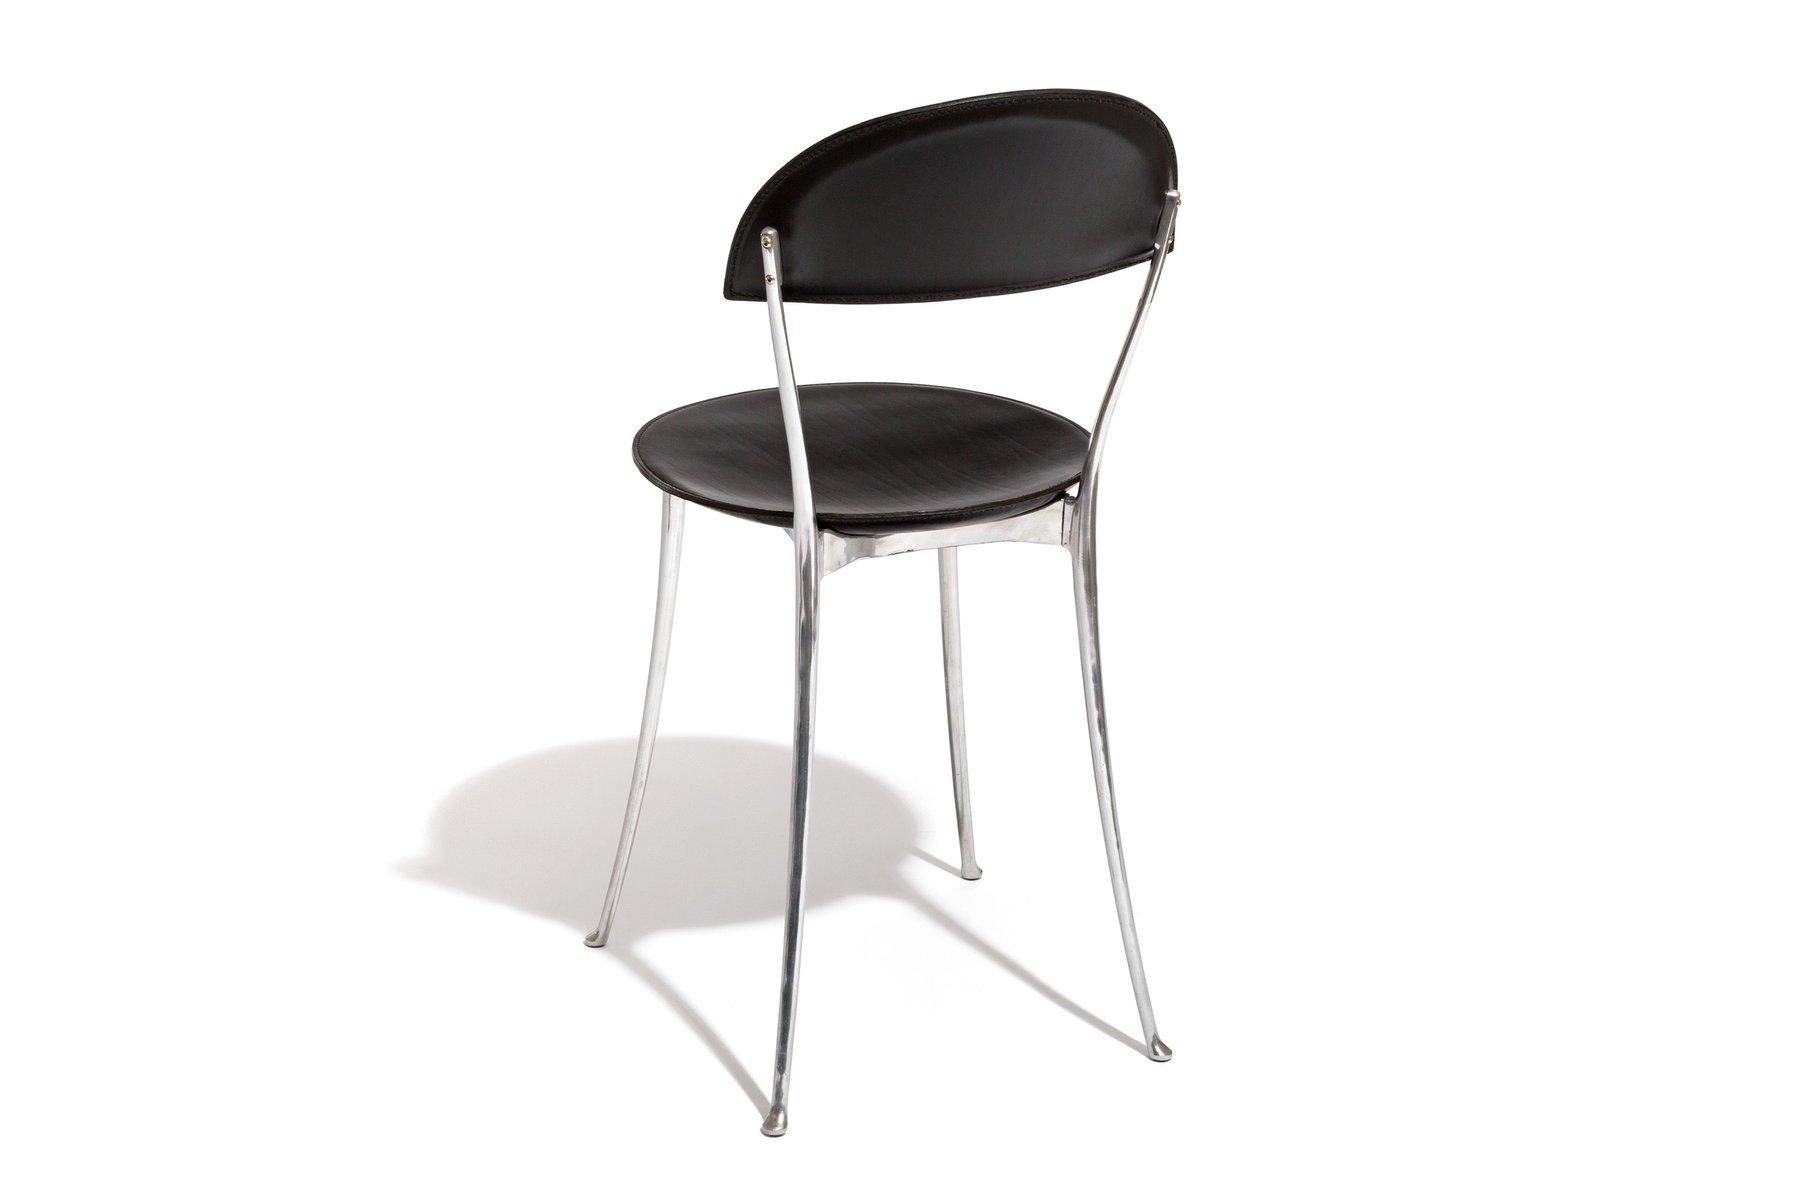 tonietta tisch stuhl set von enzo mari f r zanotta. Black Bedroom Furniture Sets. Home Design Ideas